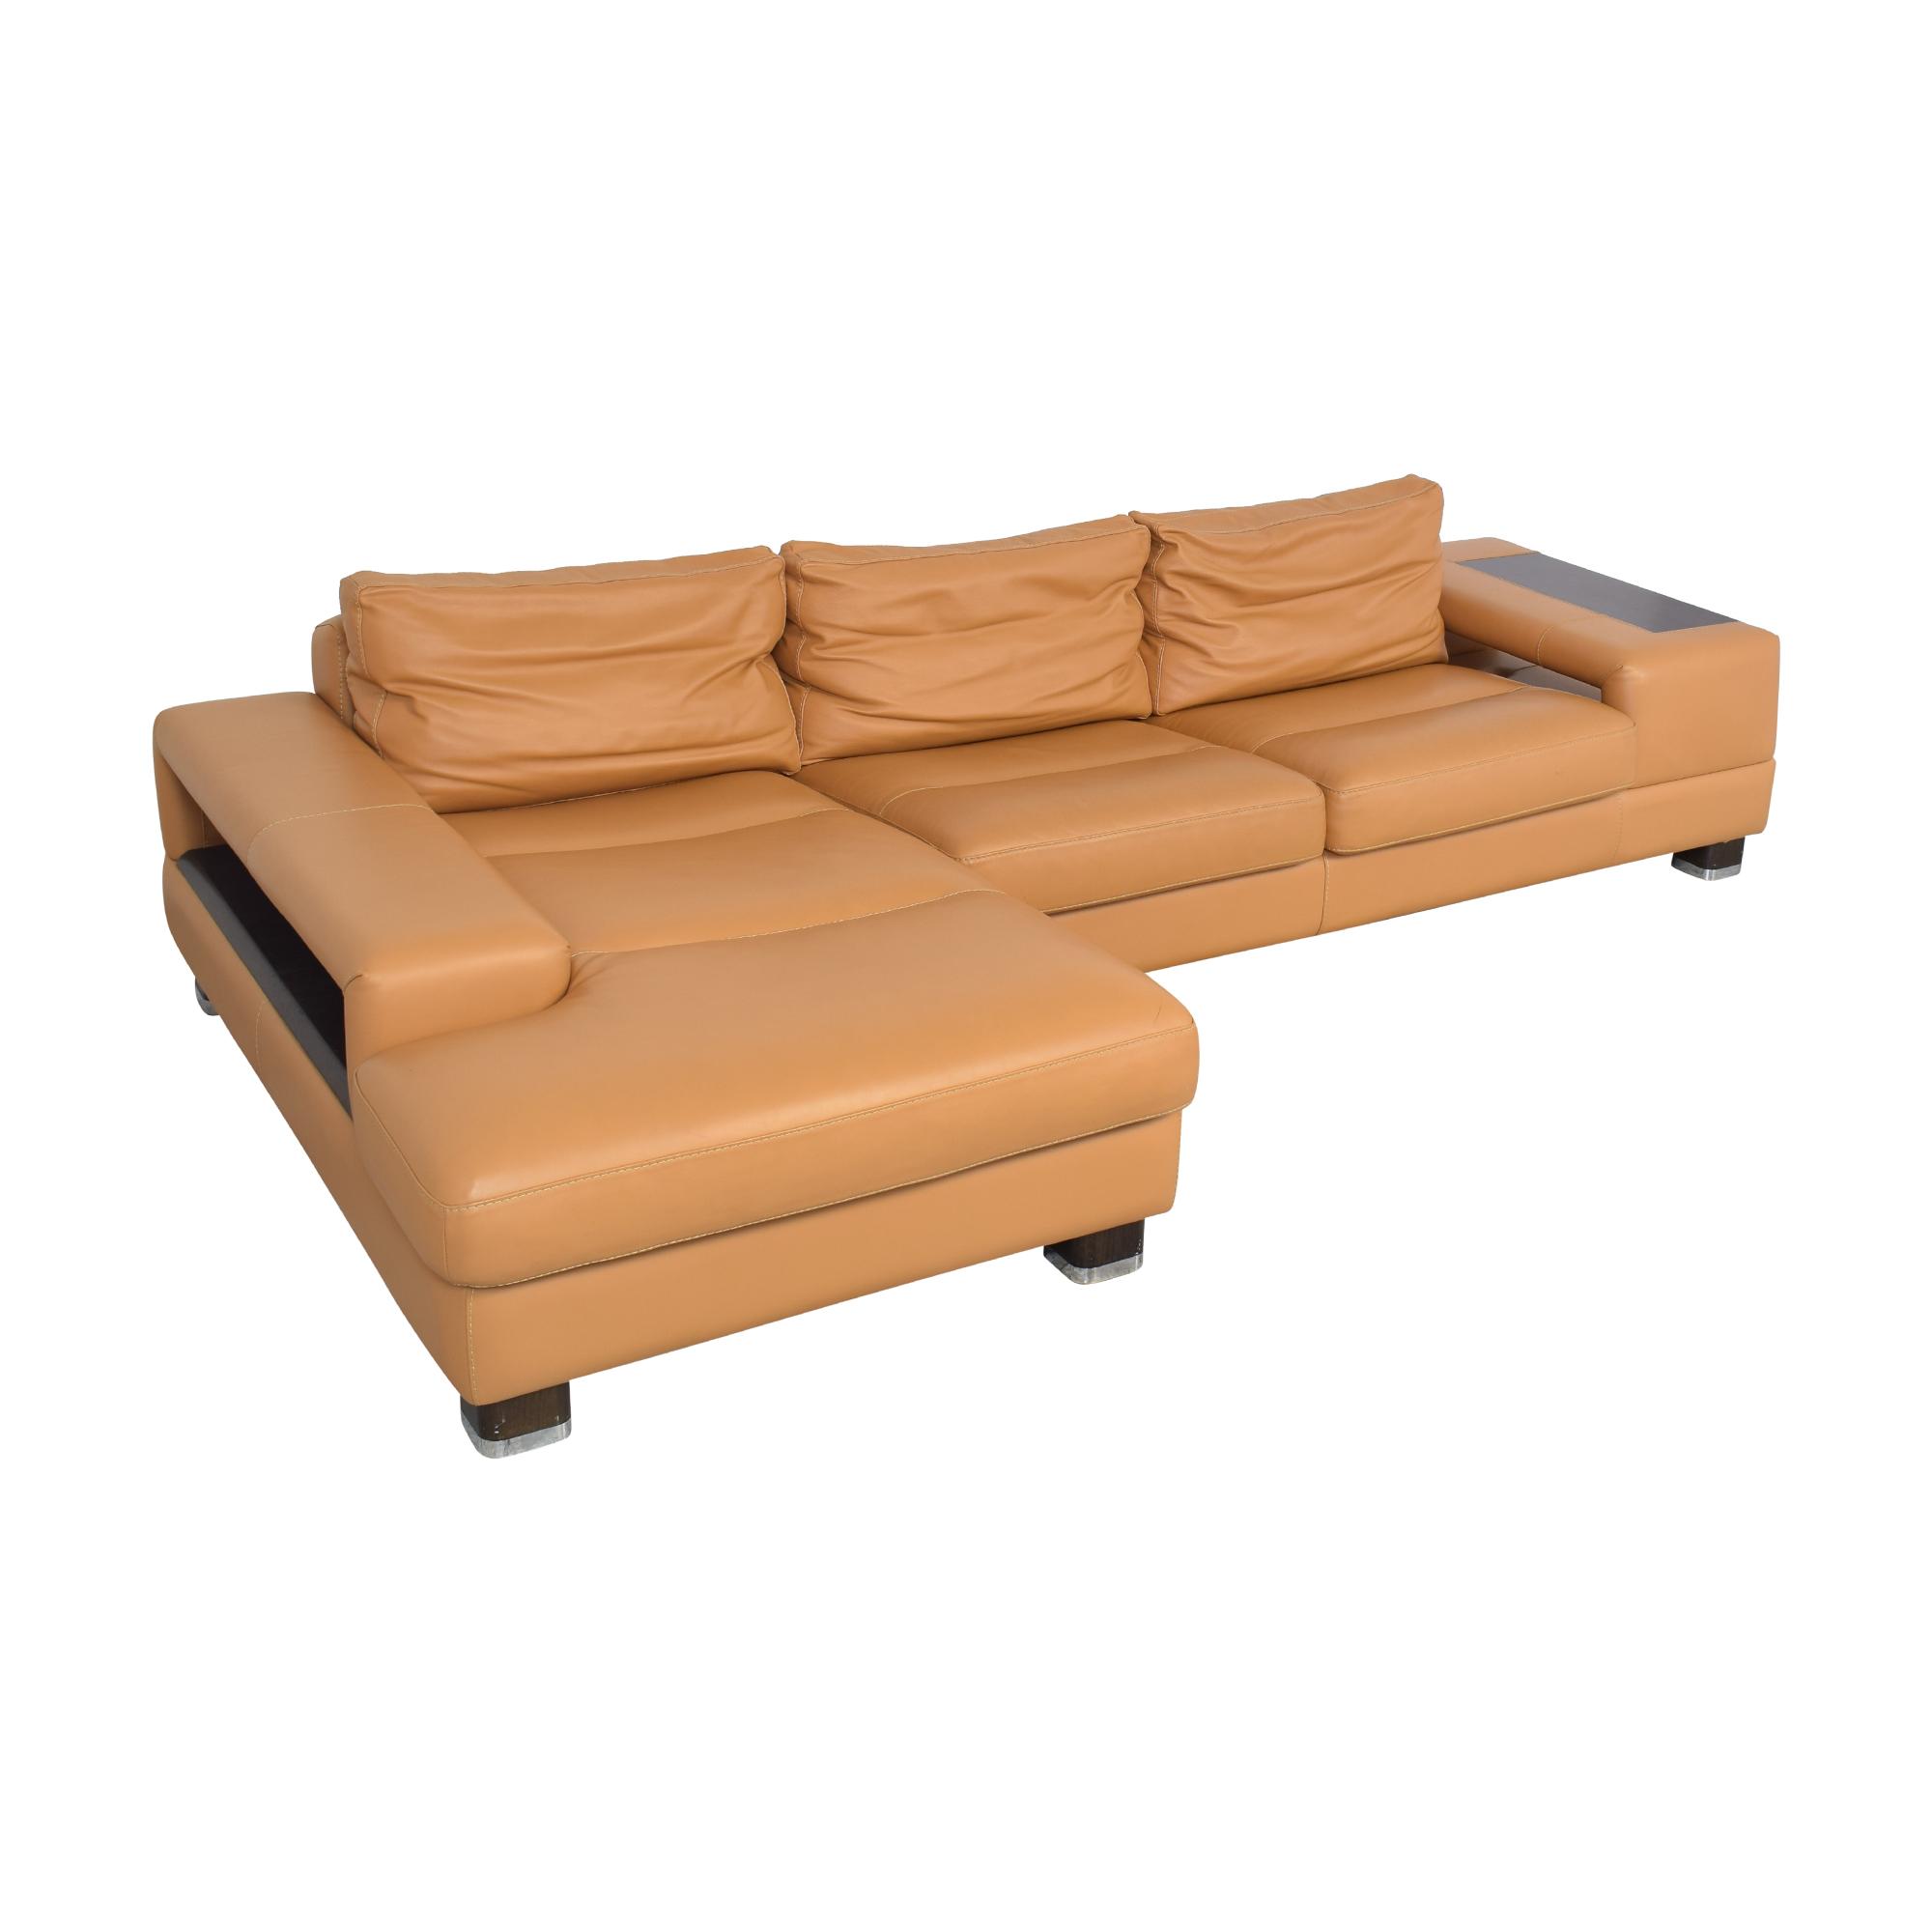 Gamma Arredamenti Gamma Arredamenti Sectional Sofa